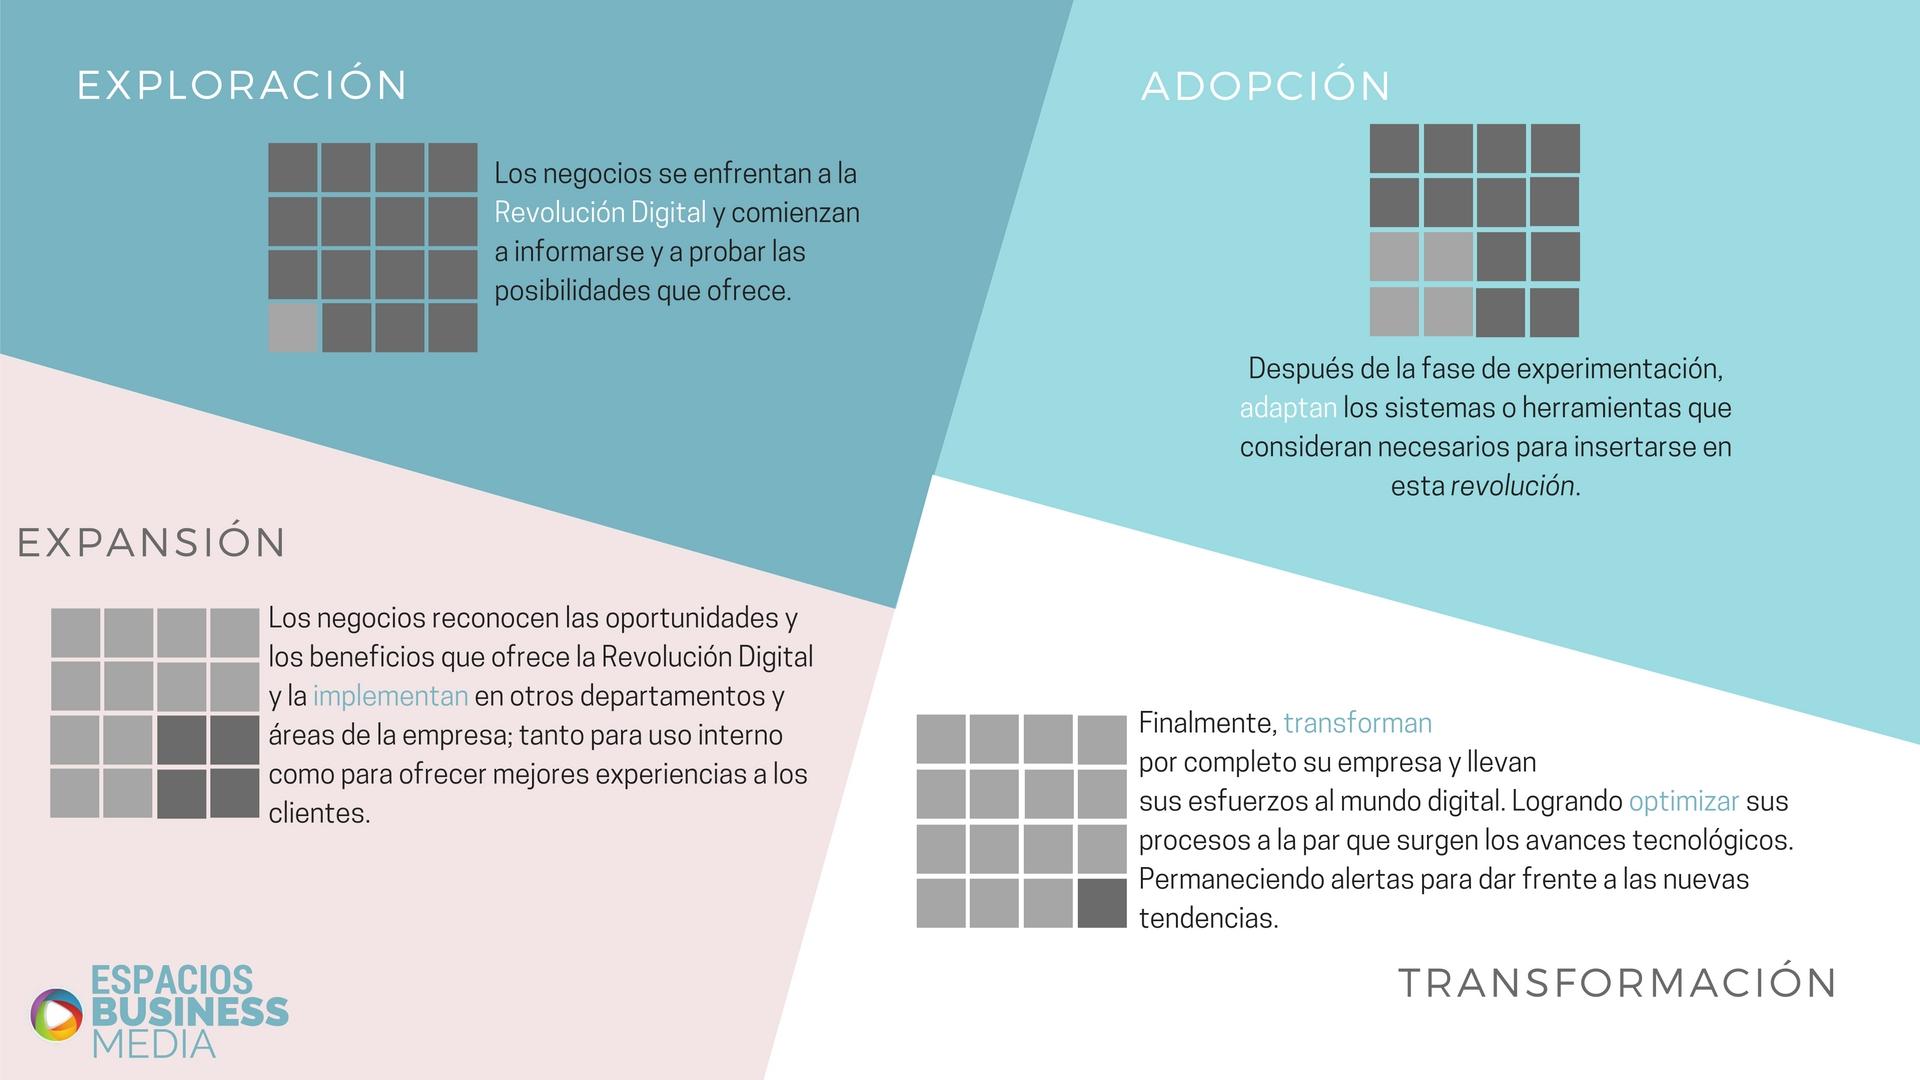 transformacion-digital-de-las-empresas-revolucion-digital-como-llevar-mi-empresa-al-mundo-digital